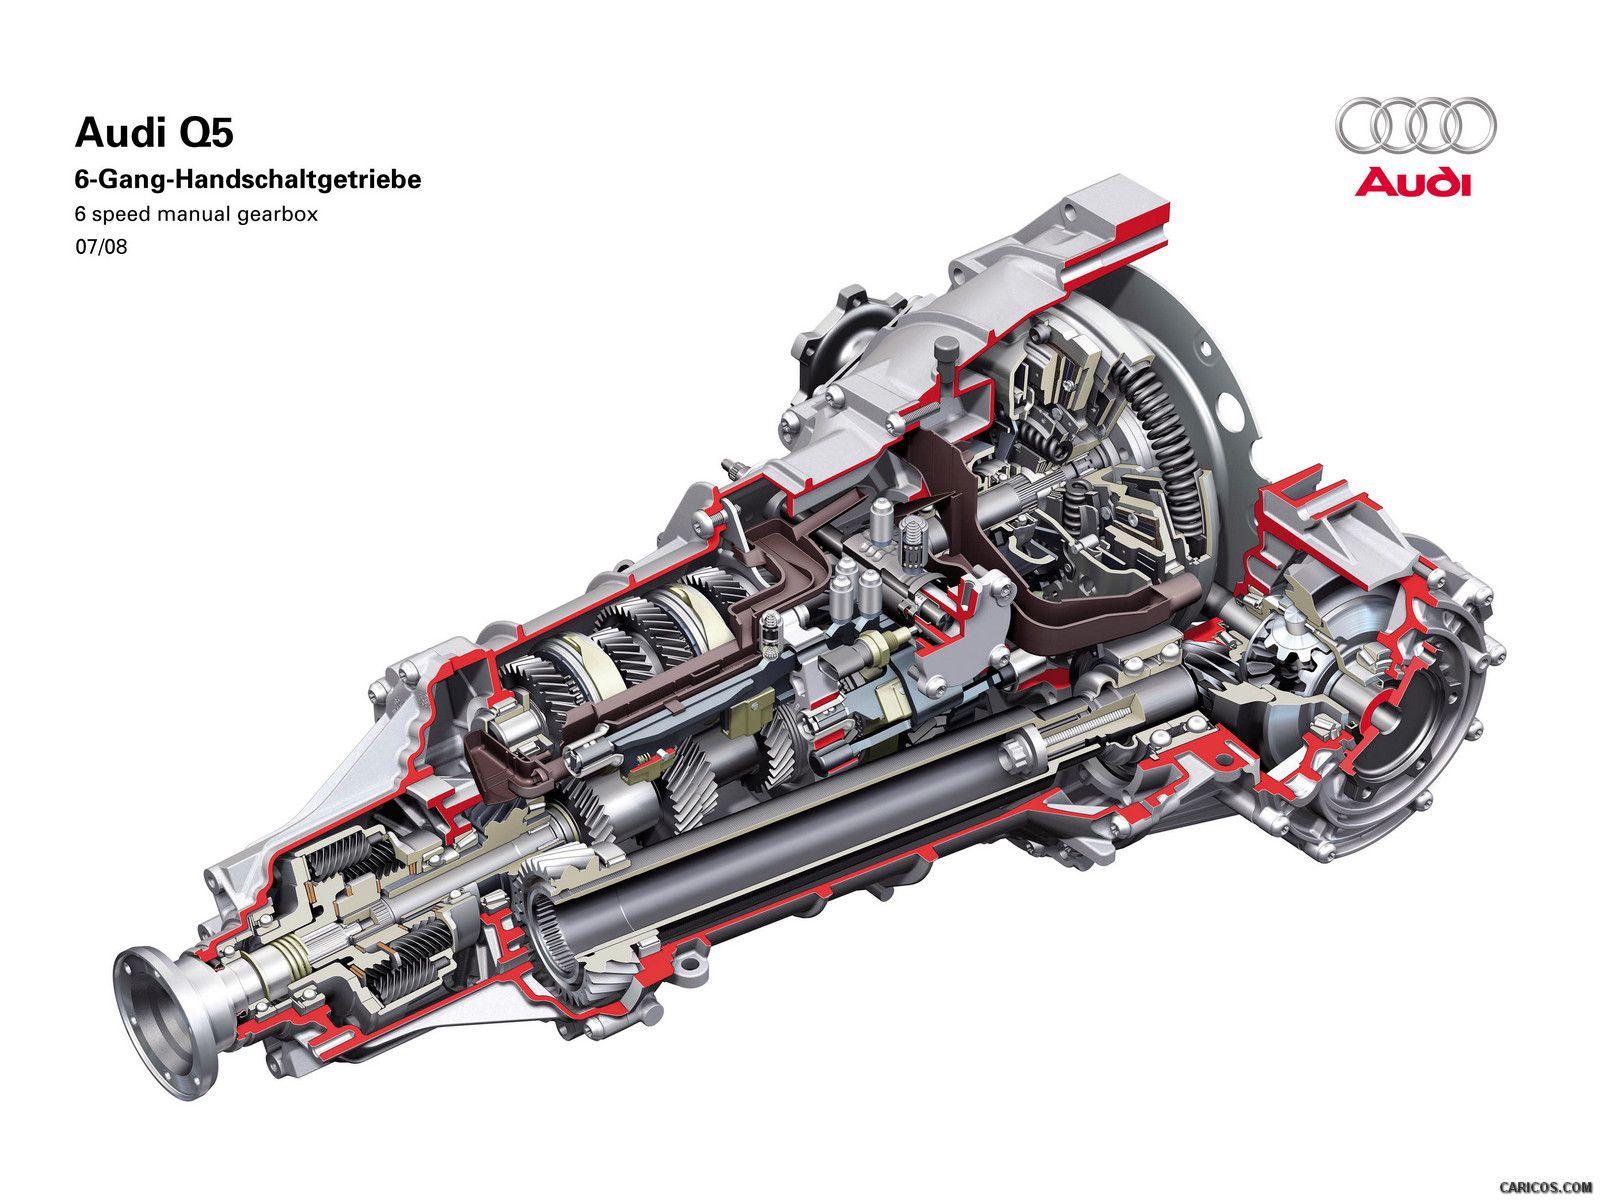 Audi Q5 2009 6 Speed Manual Gearbox Audi Q5 Audi Automobile Engineering